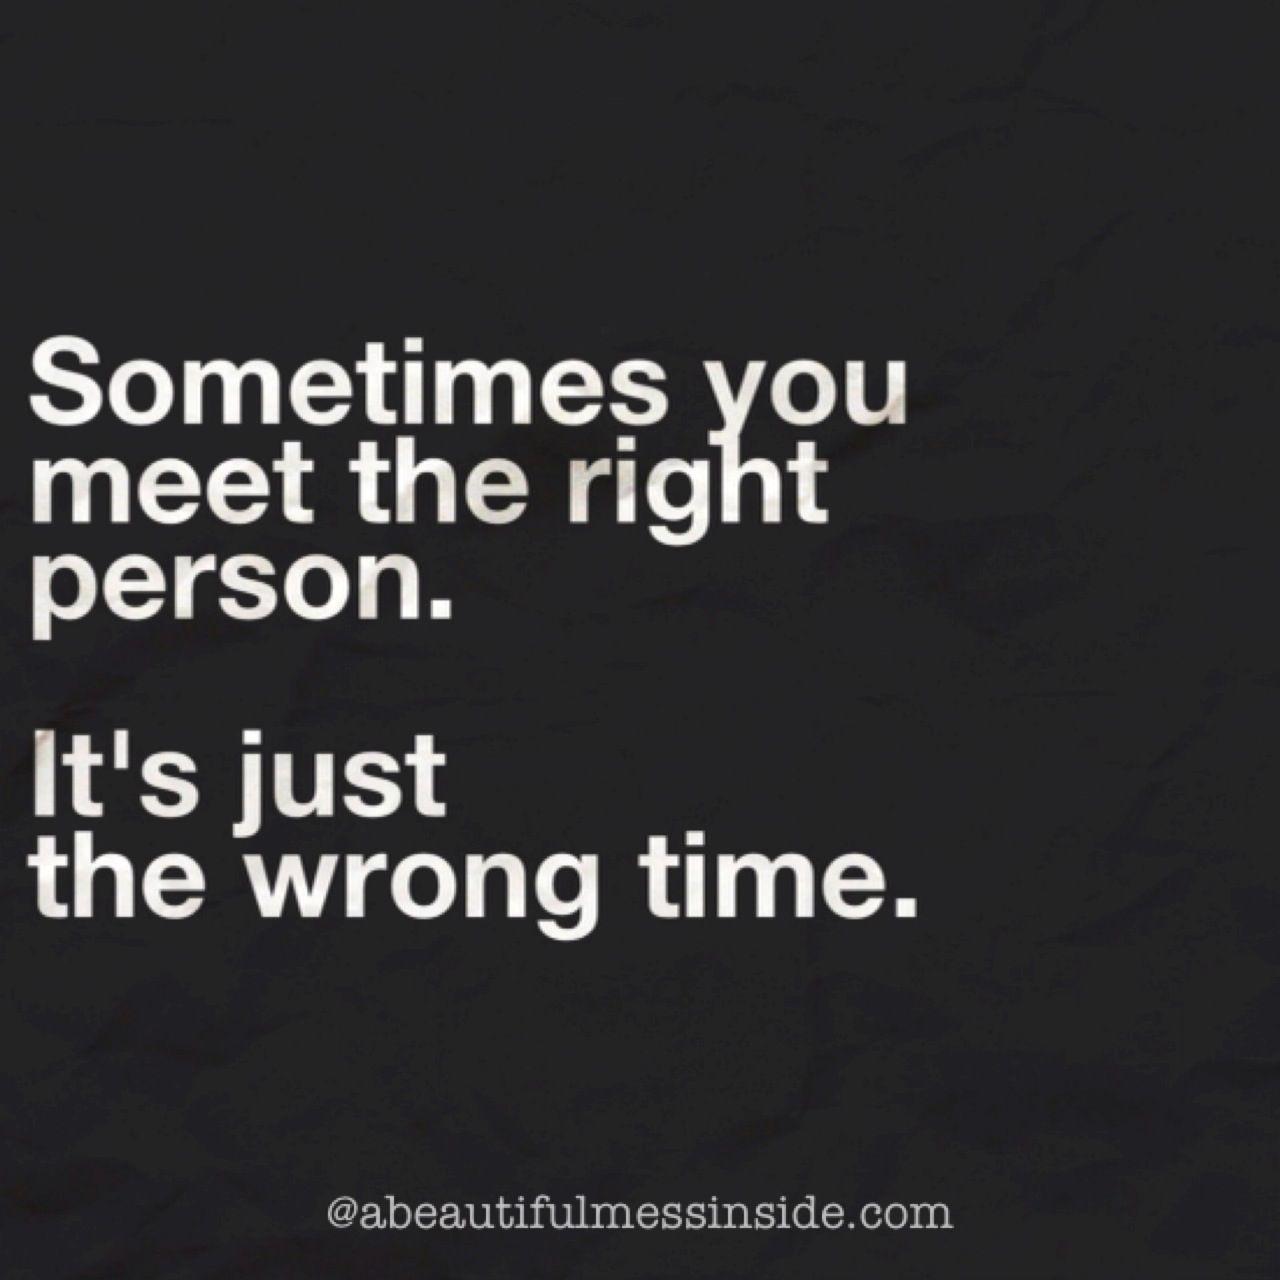 Parfois tu rencontres des personnes